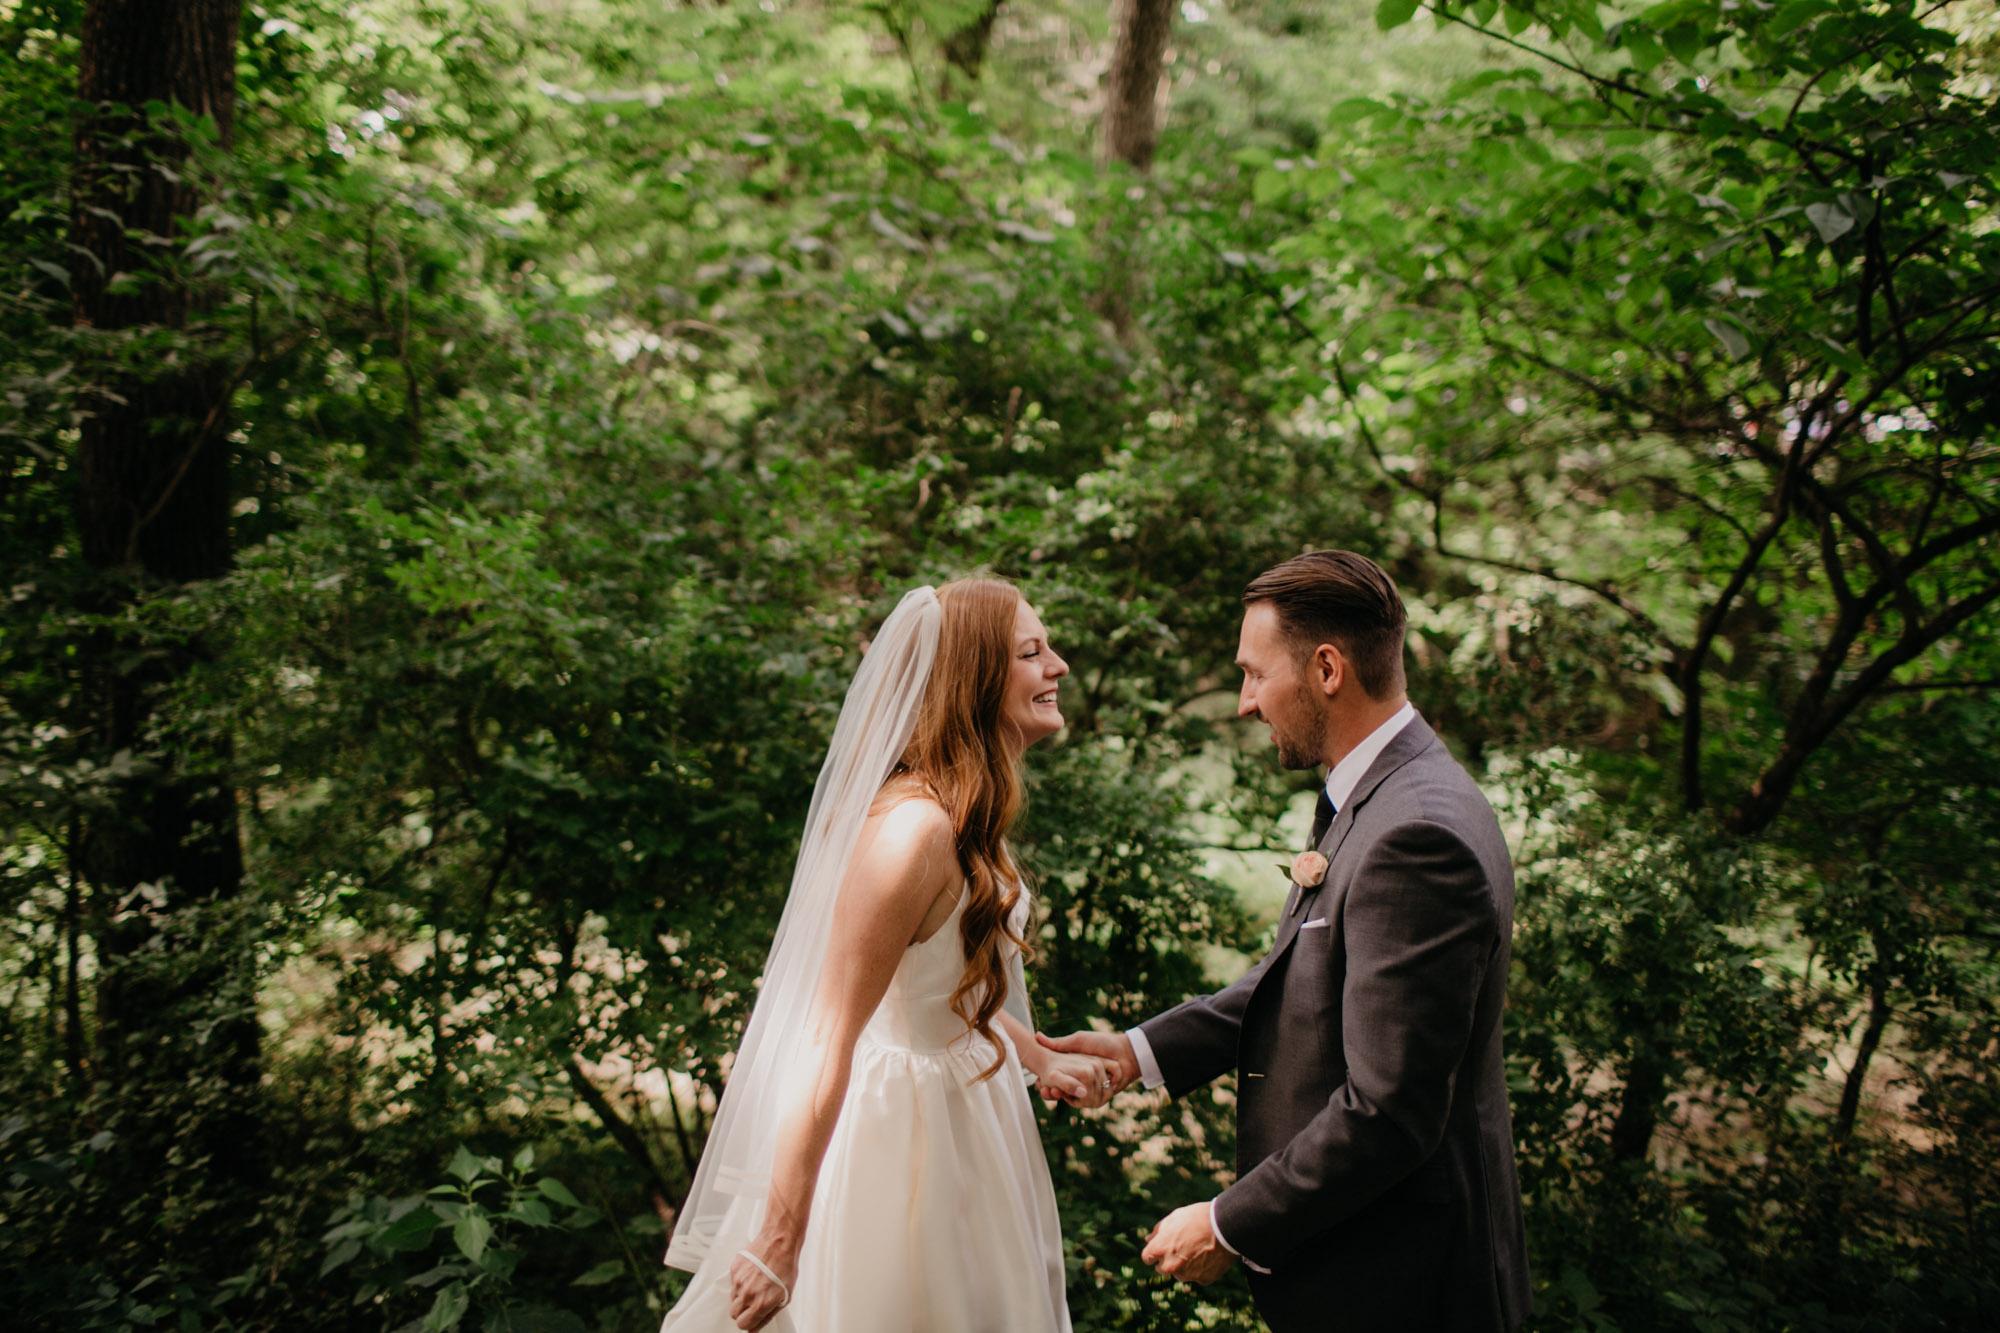 elmwood-park-wedding-photographer-nicole-jon-8.jpg